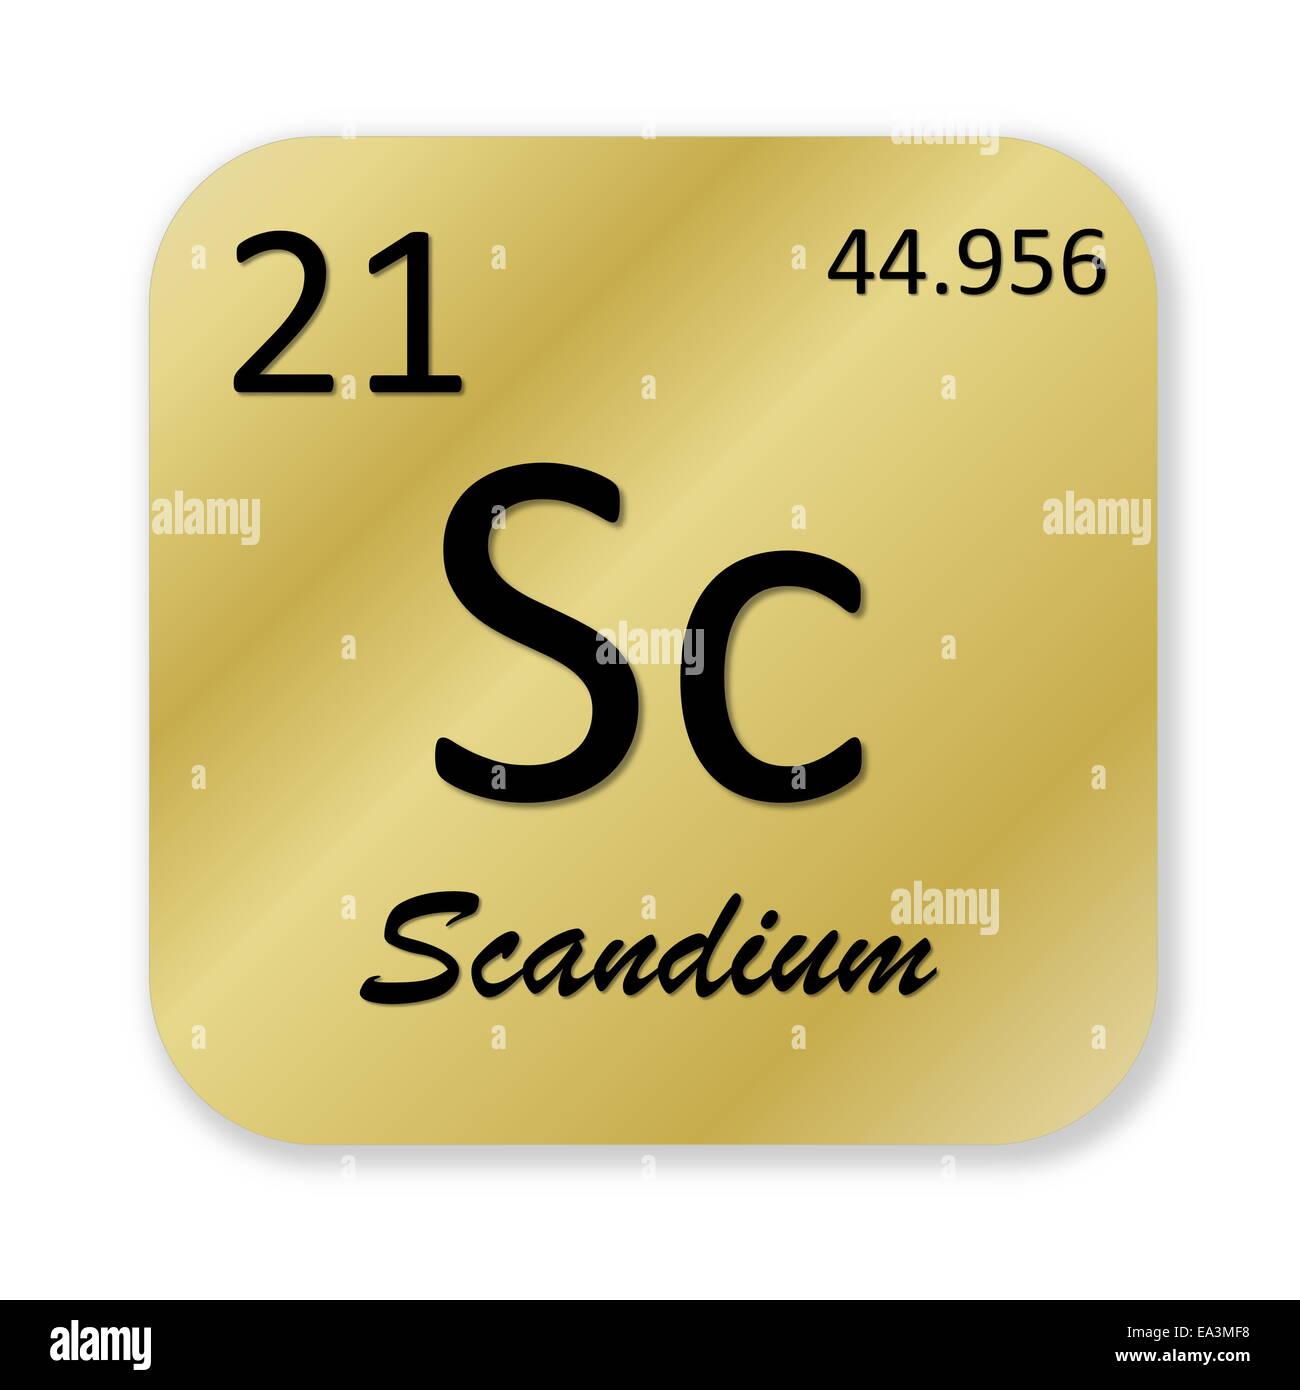 Scandium Element Stock Photos Scandium Element Stock Images Alamy